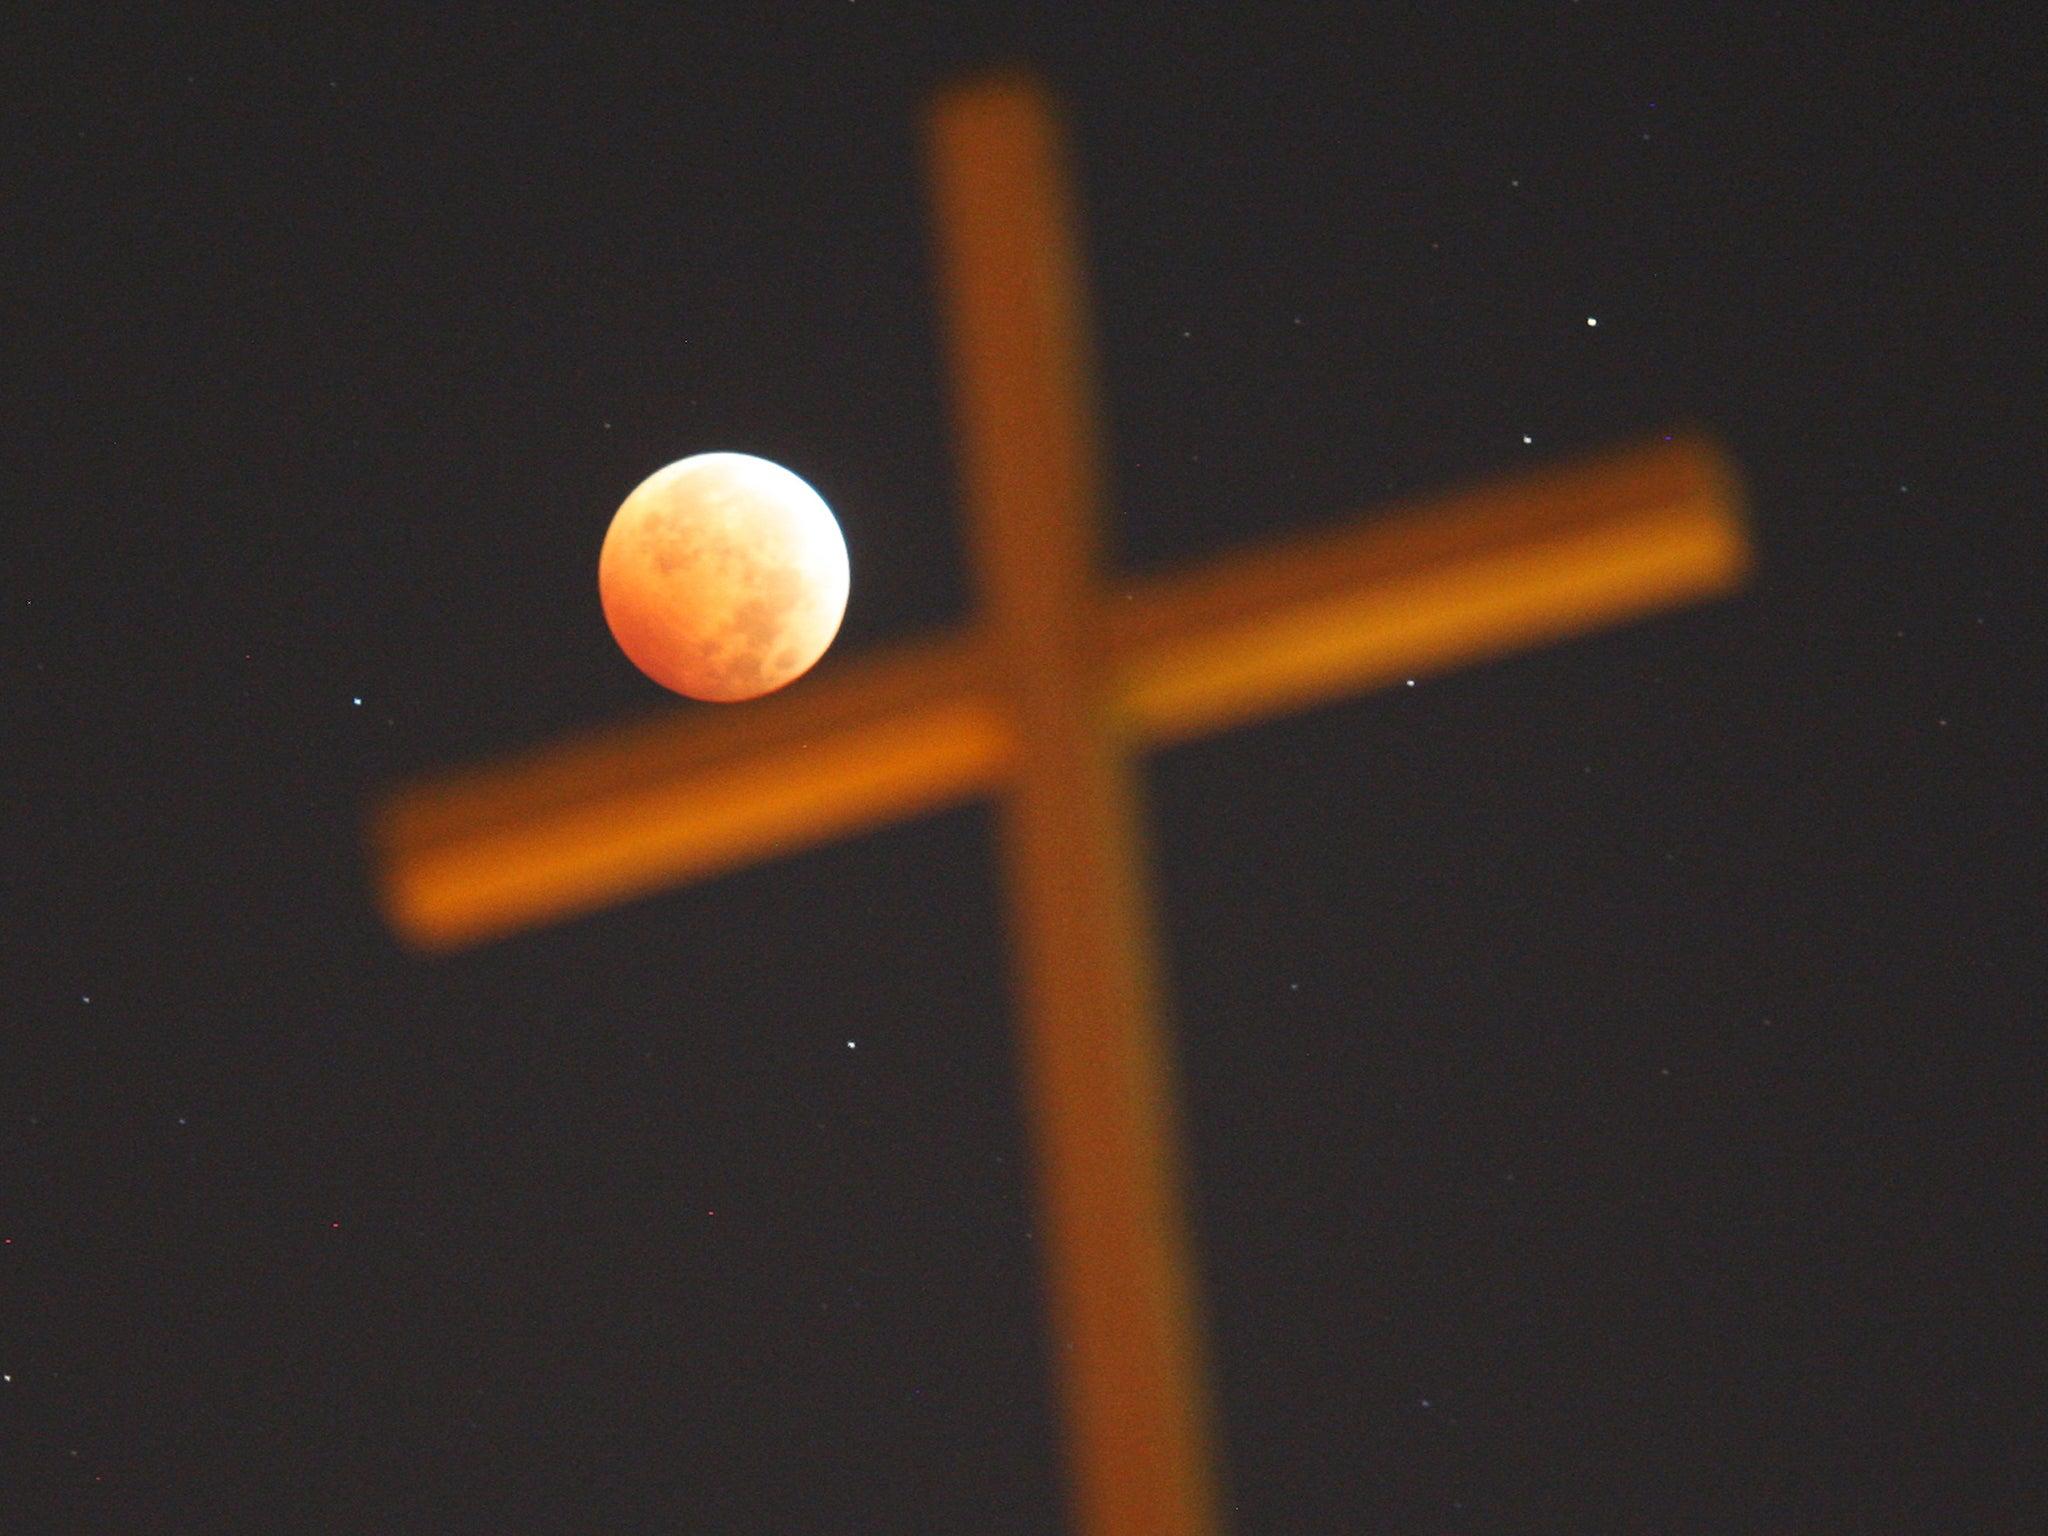 blood moon tonight nashville - photo #26